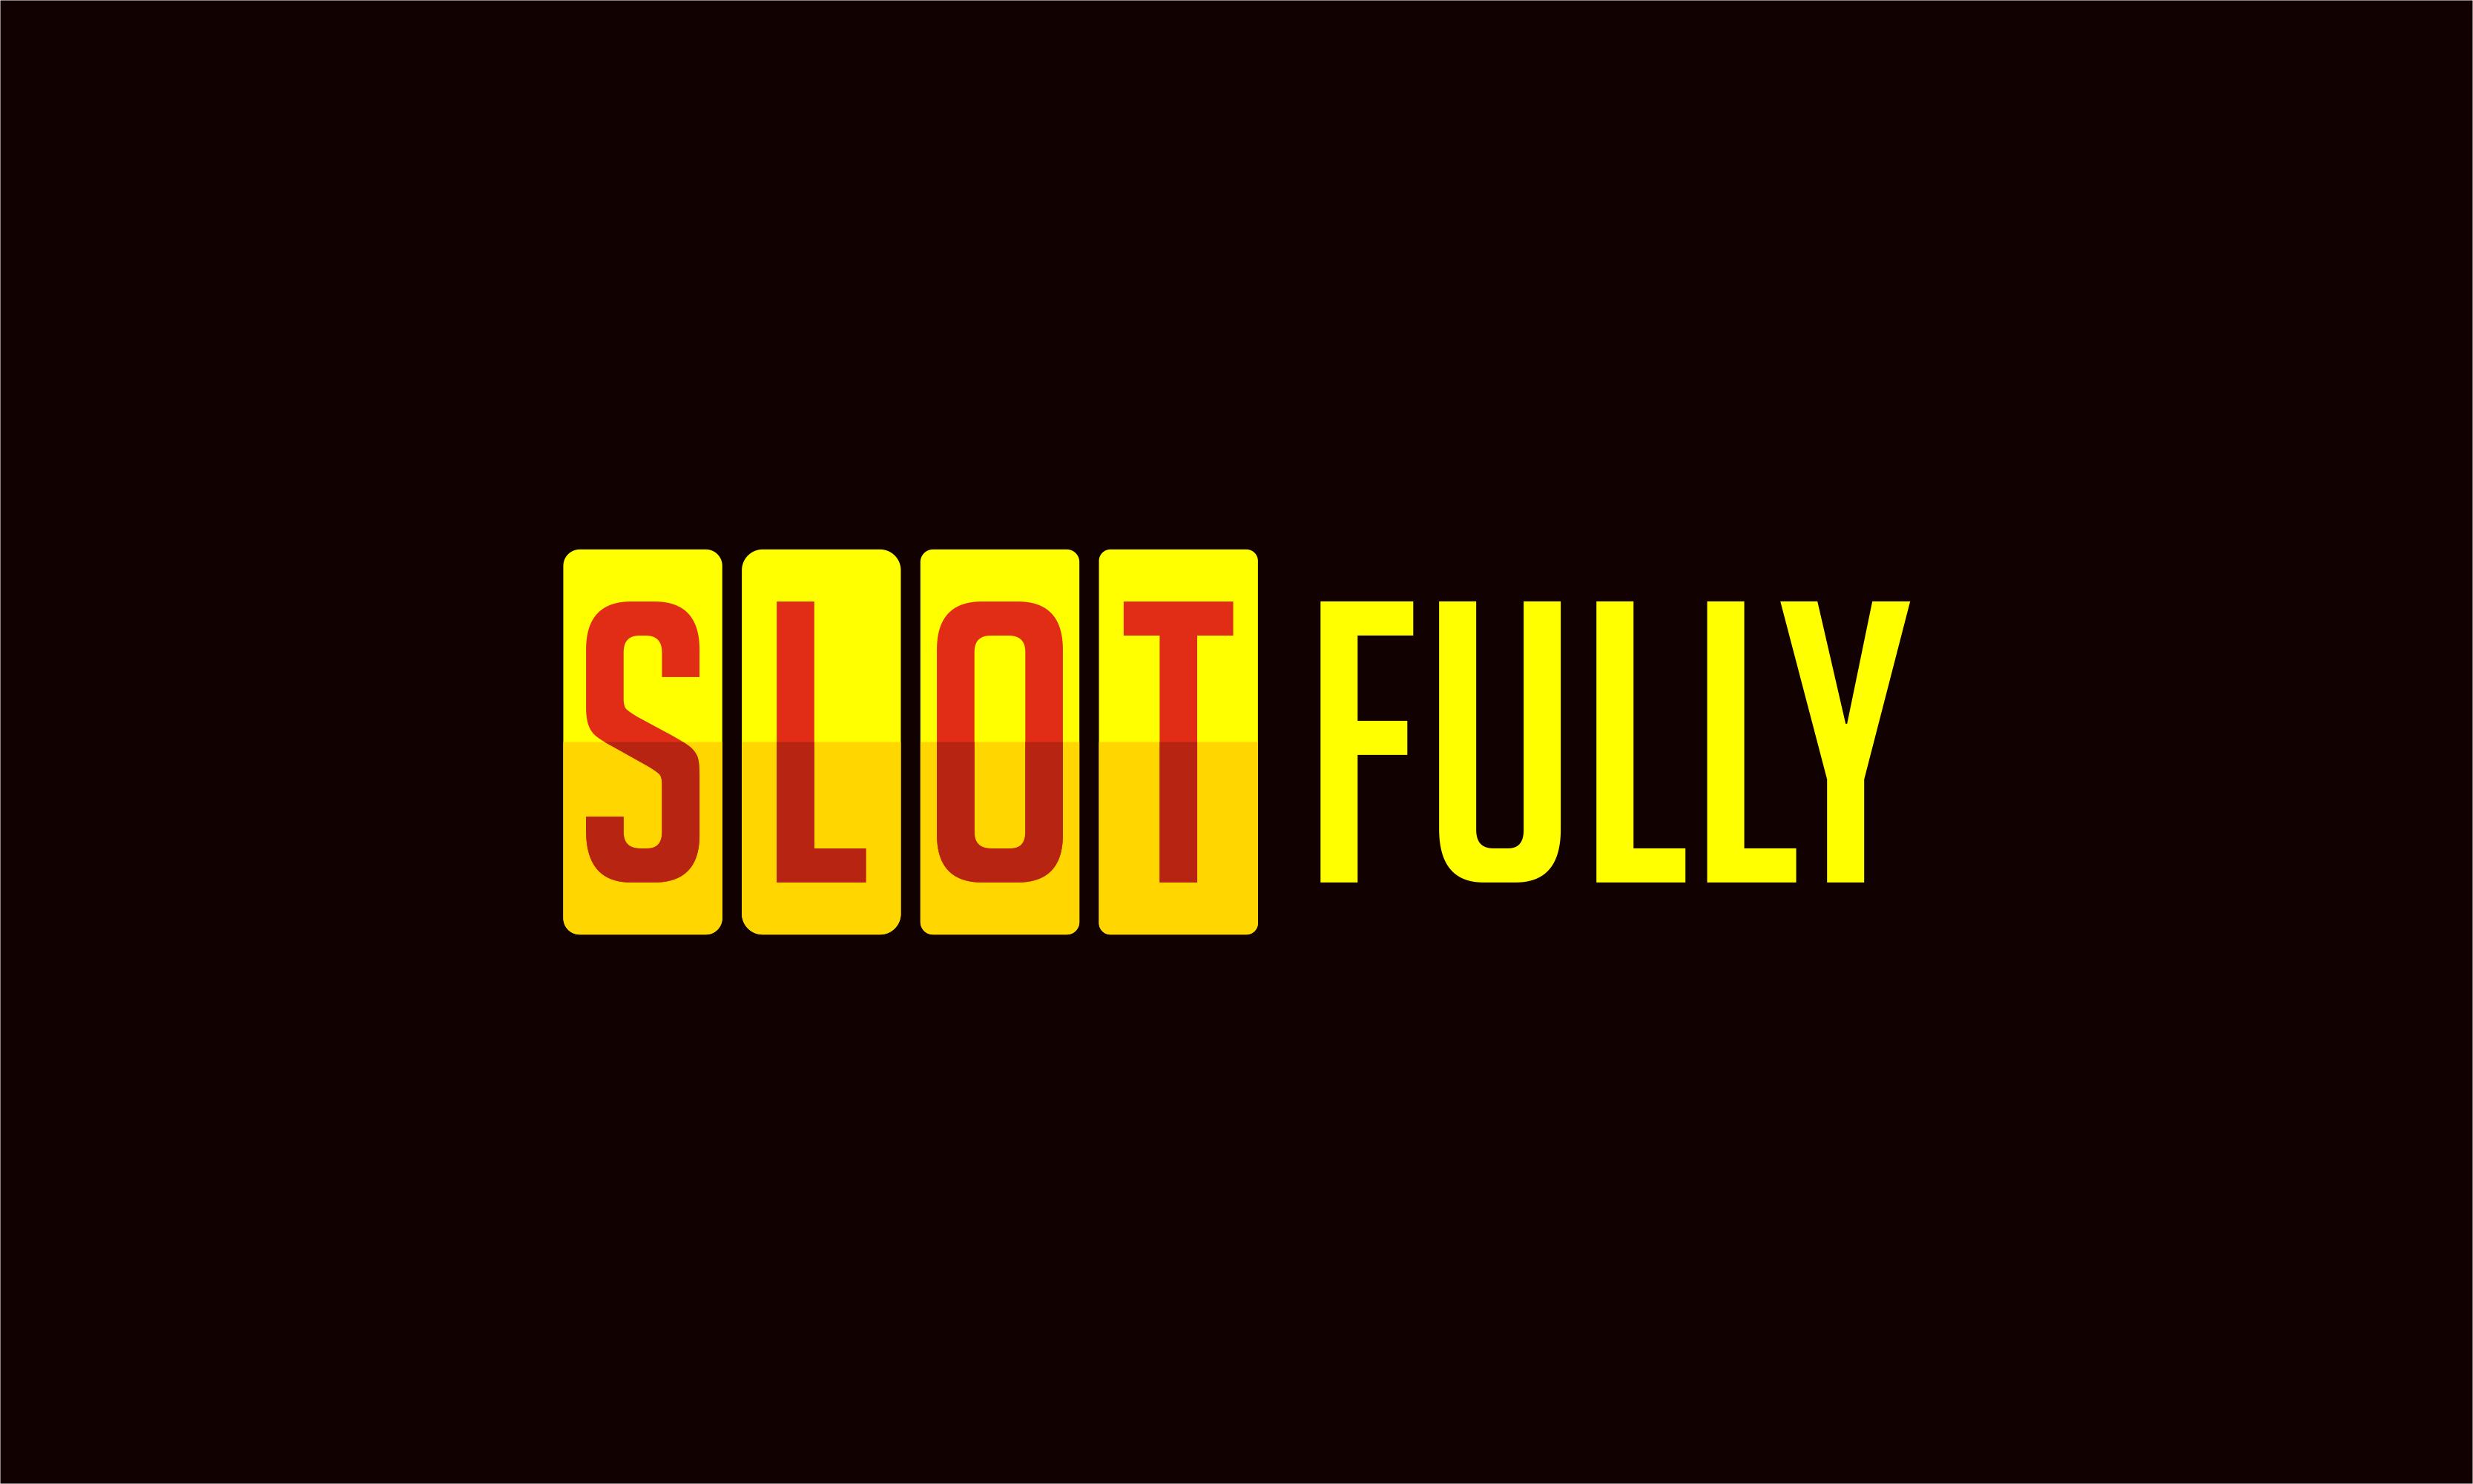 Slotfully